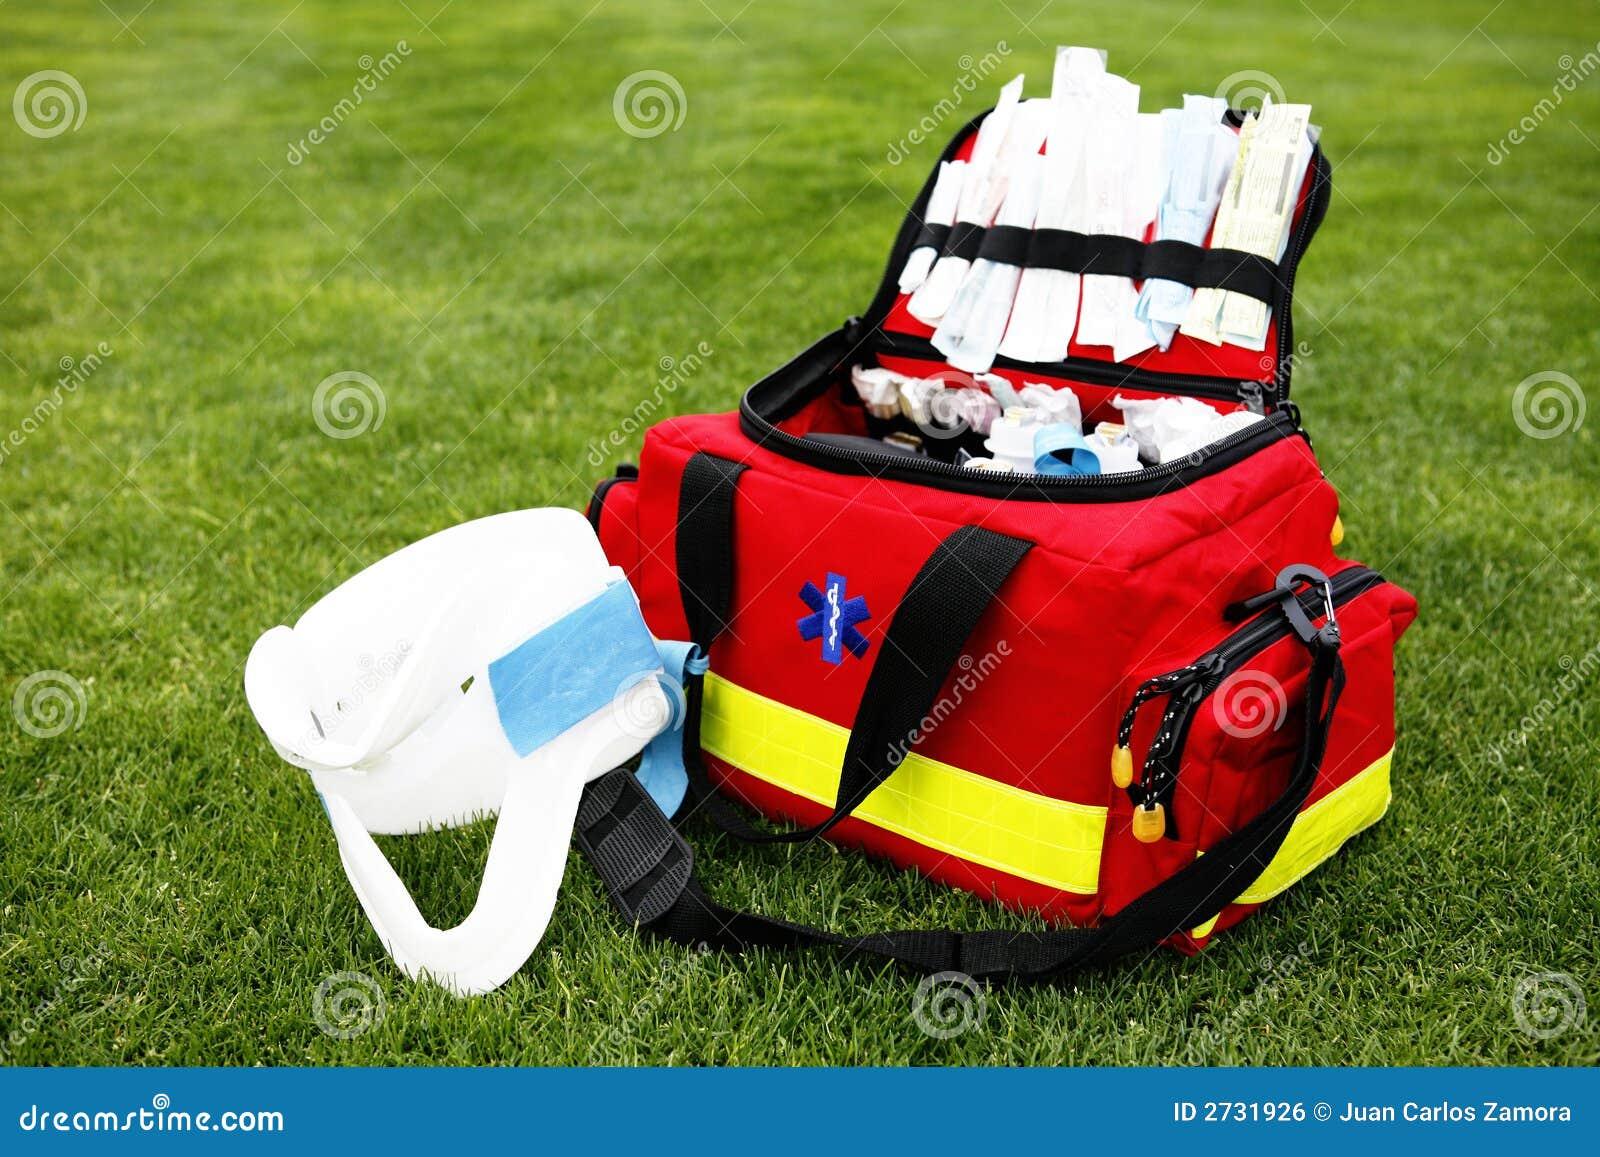 Medical kit - EMT